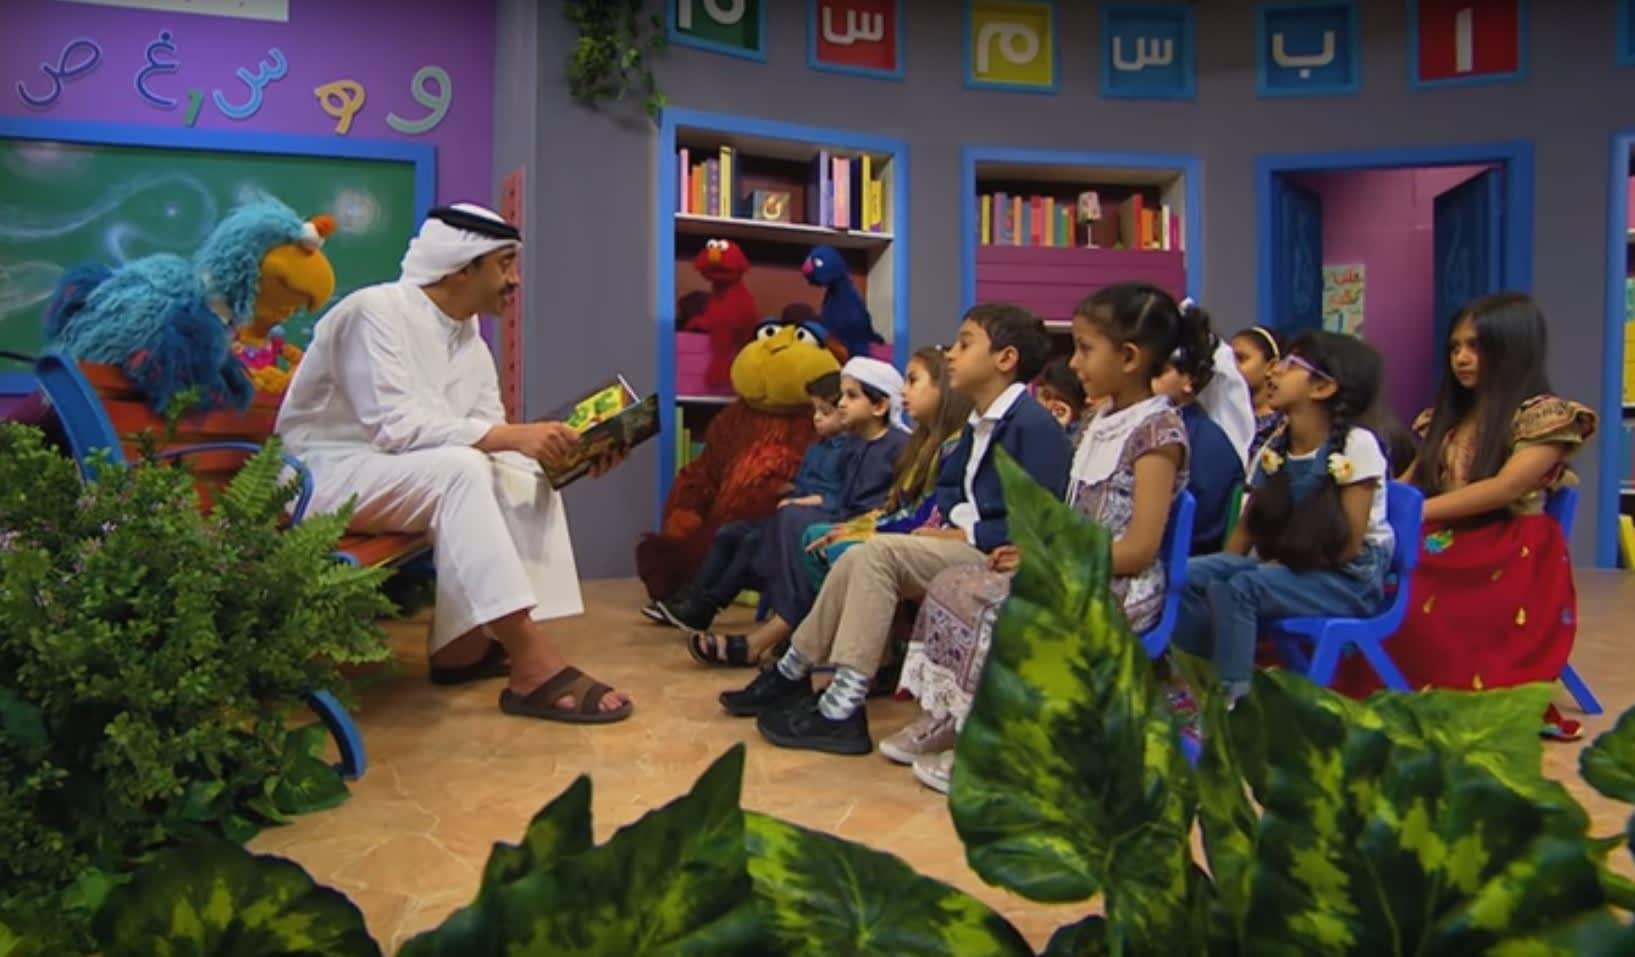 شاهد.. وزير خارجية الإمارات عبدالله بن زايد يقرأ قصة للصغار